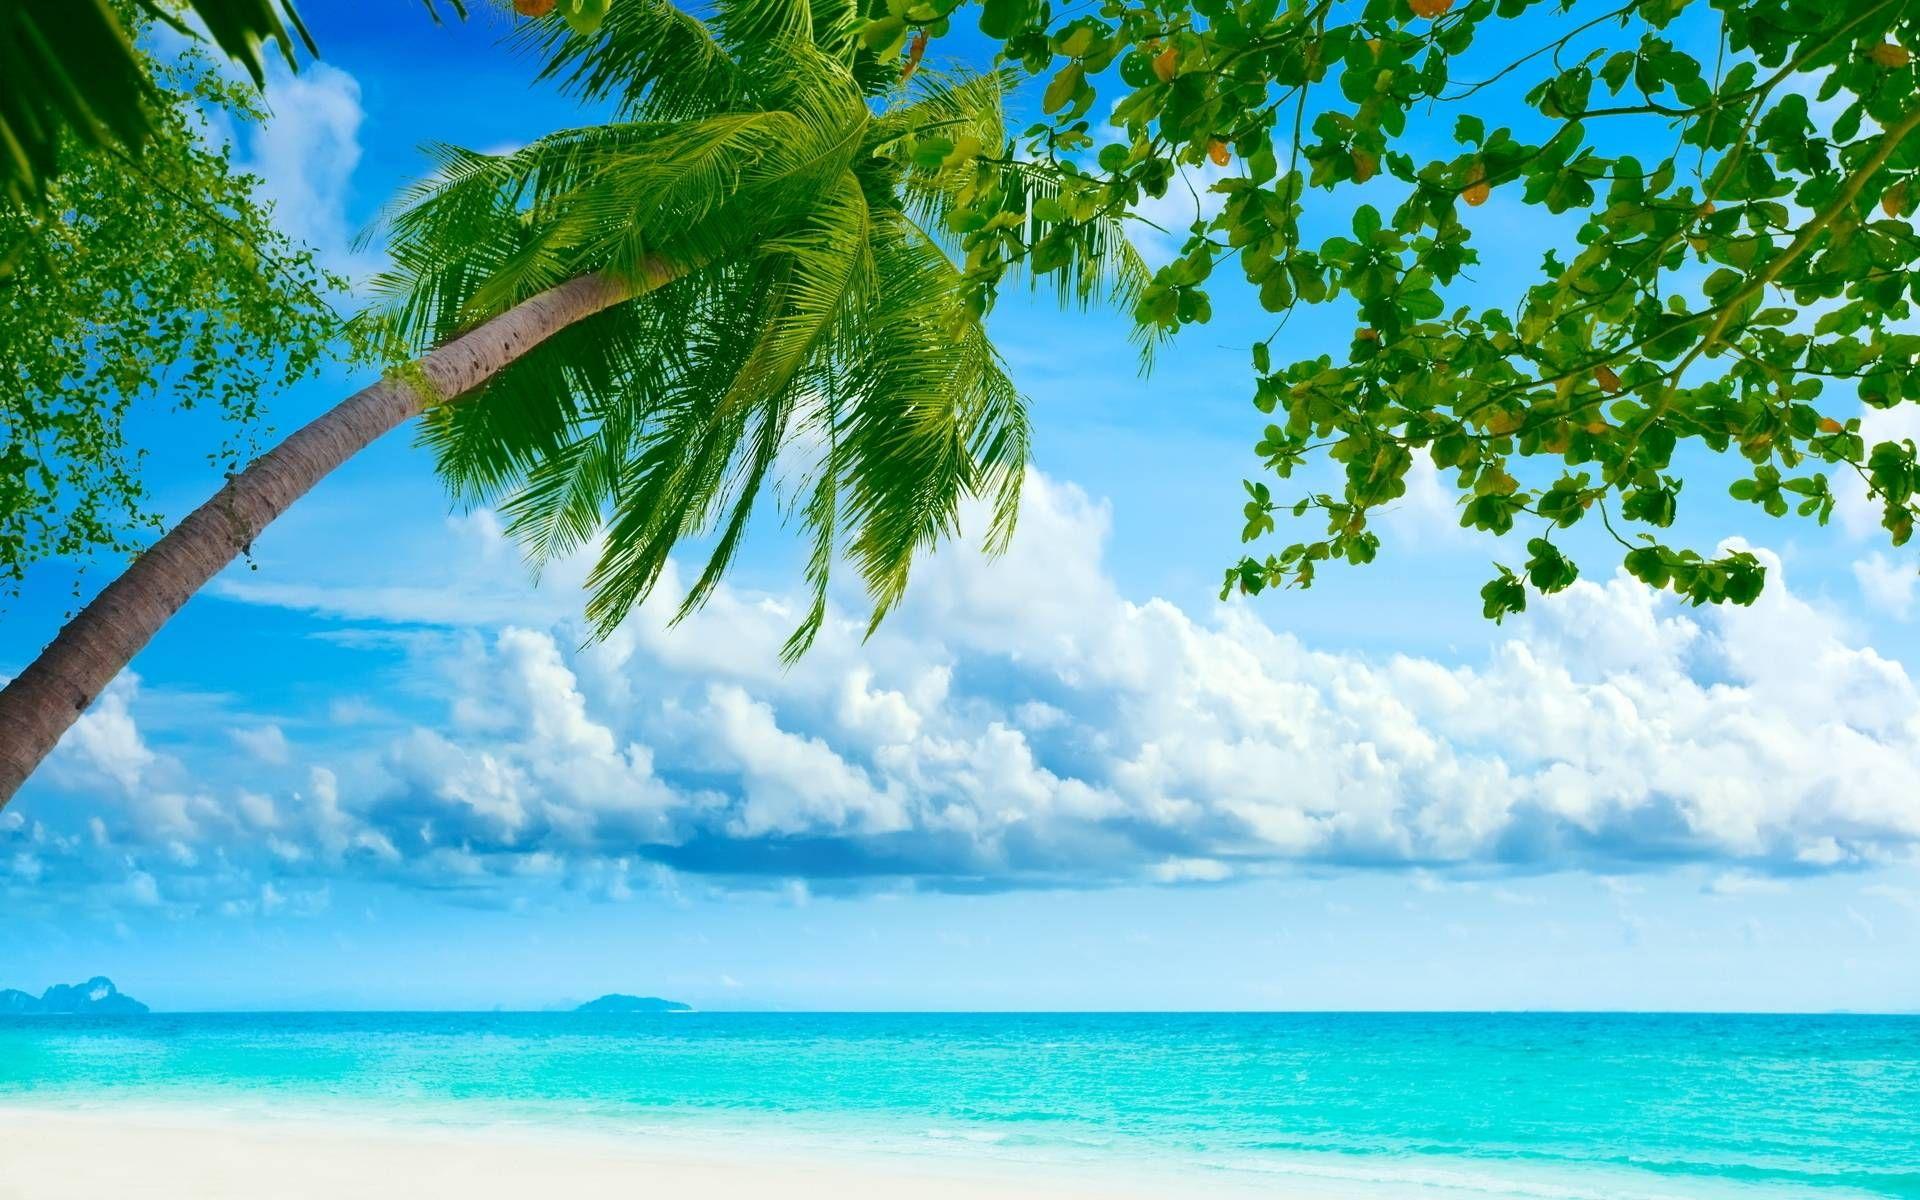 fondo de pantalla paisajes relajantes en hq gratis para